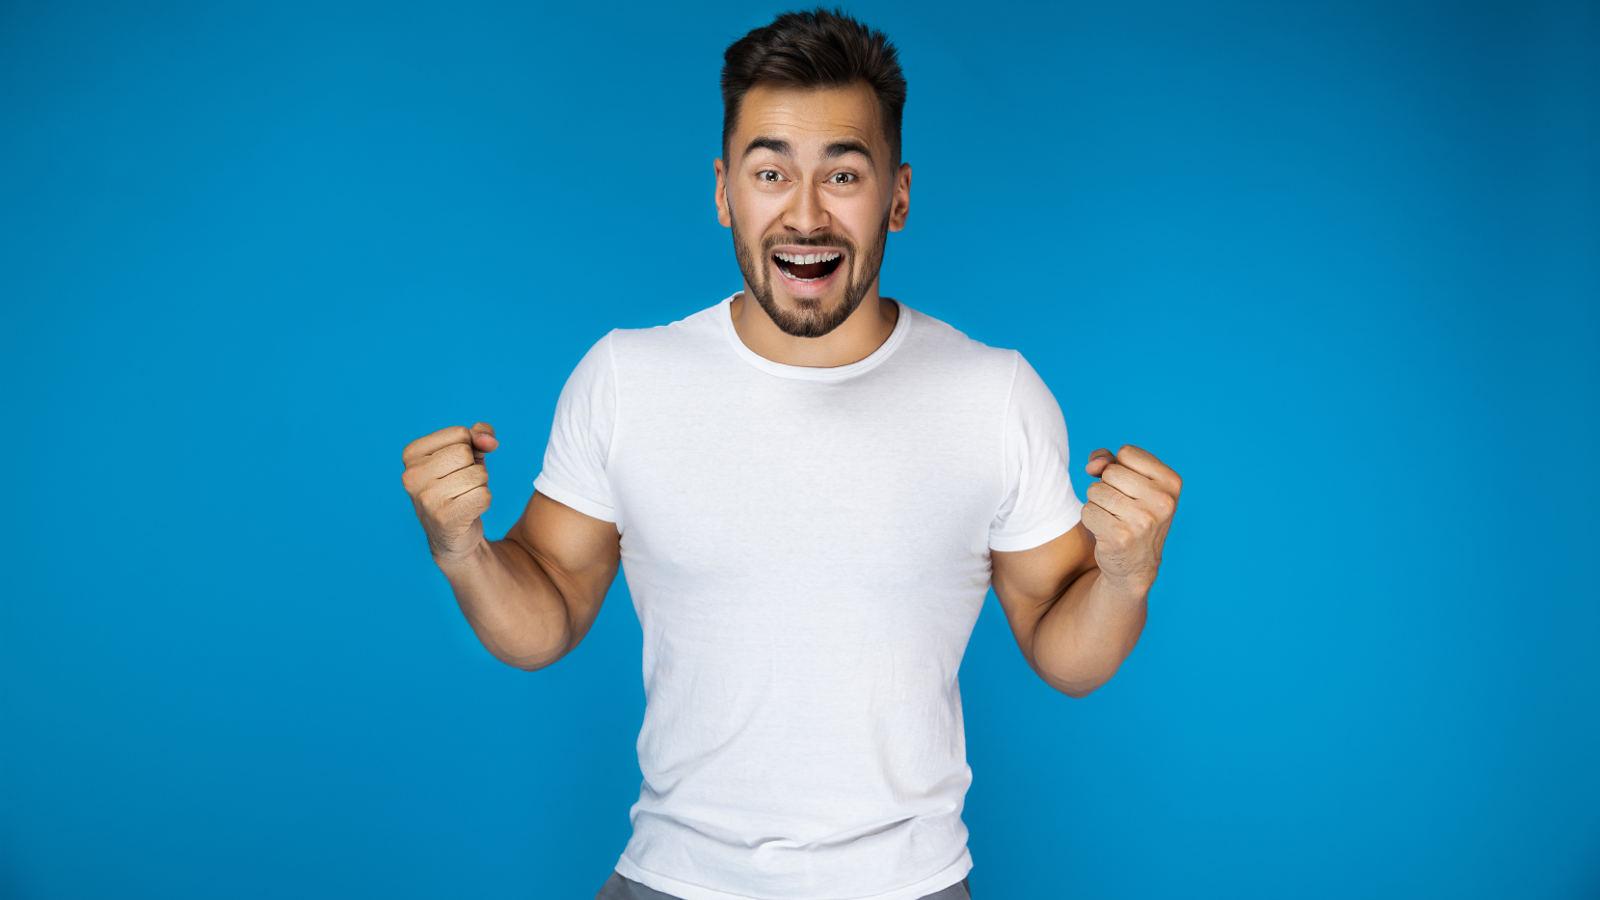 Choisir un comédien pour présenter votre marque ?